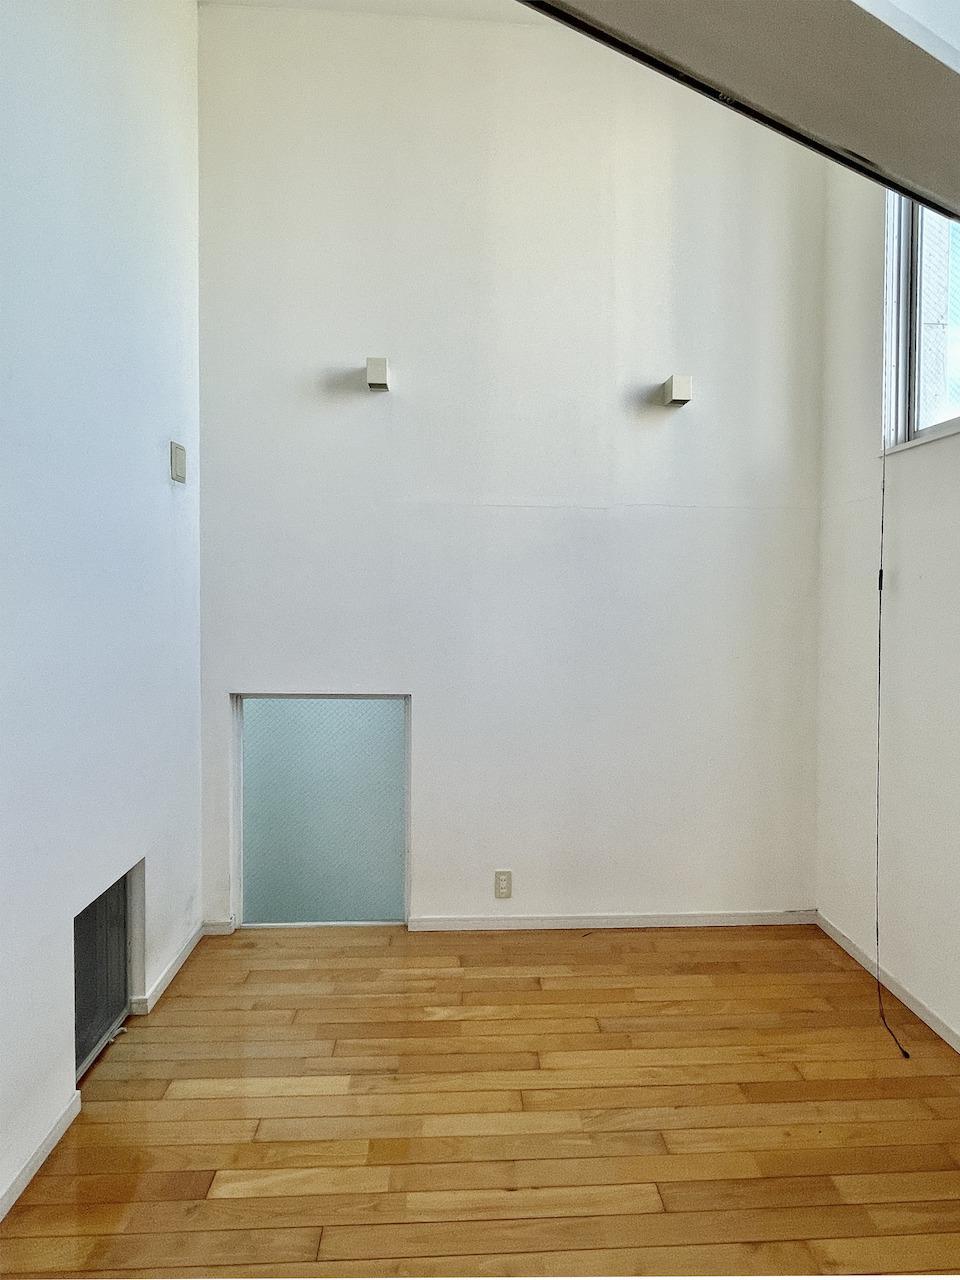 5階洋室からさらに階段登ると高い天井の洋室。